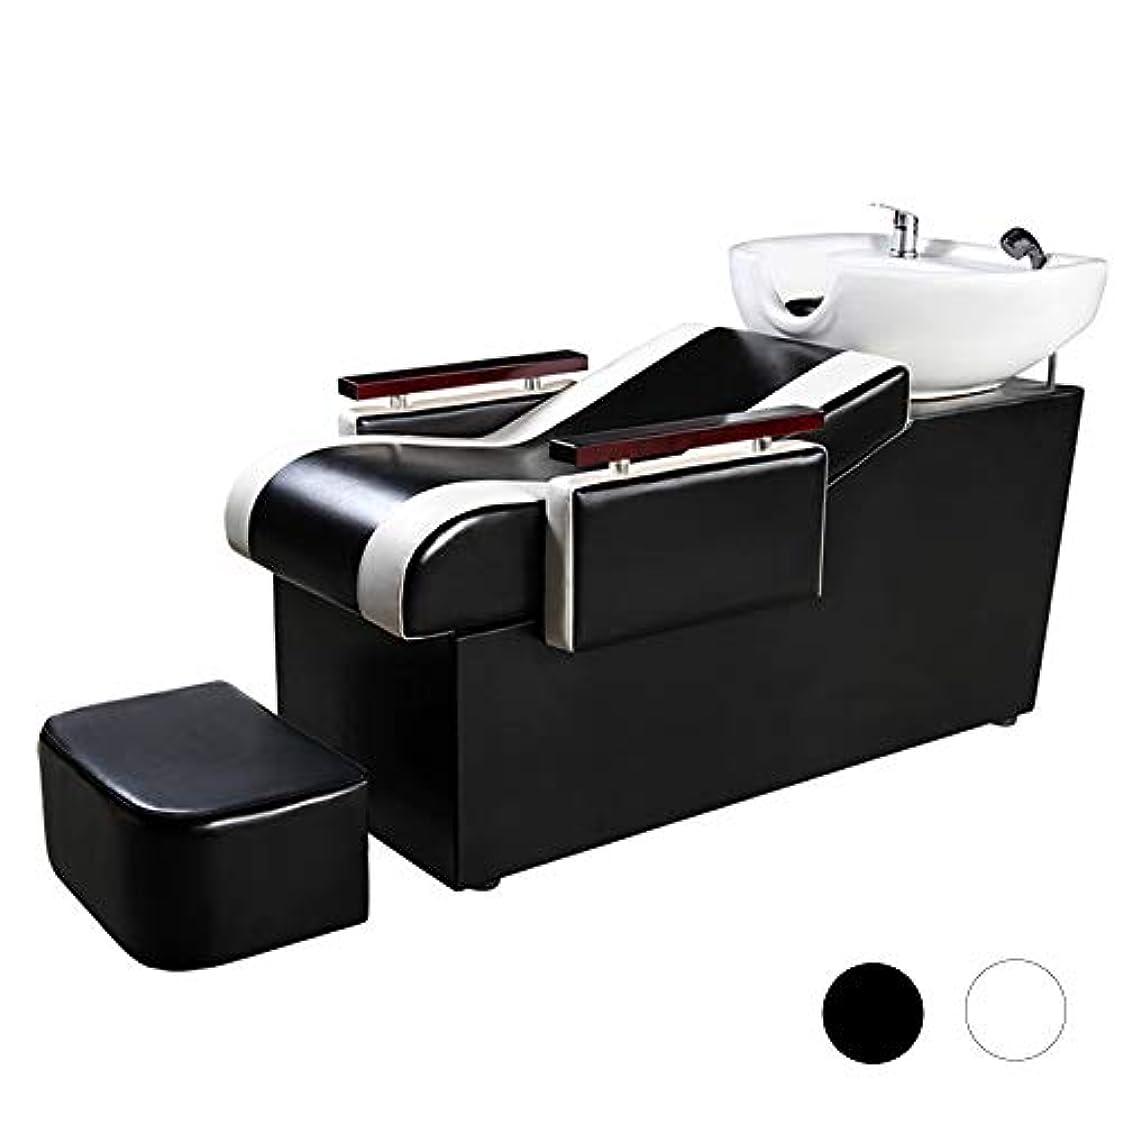 優雅なパノラマ金額シャンプーチェア、スパ用美容院設備用シャンプーボウル理髪シンクチェアシャンプーベッド(ブラック)